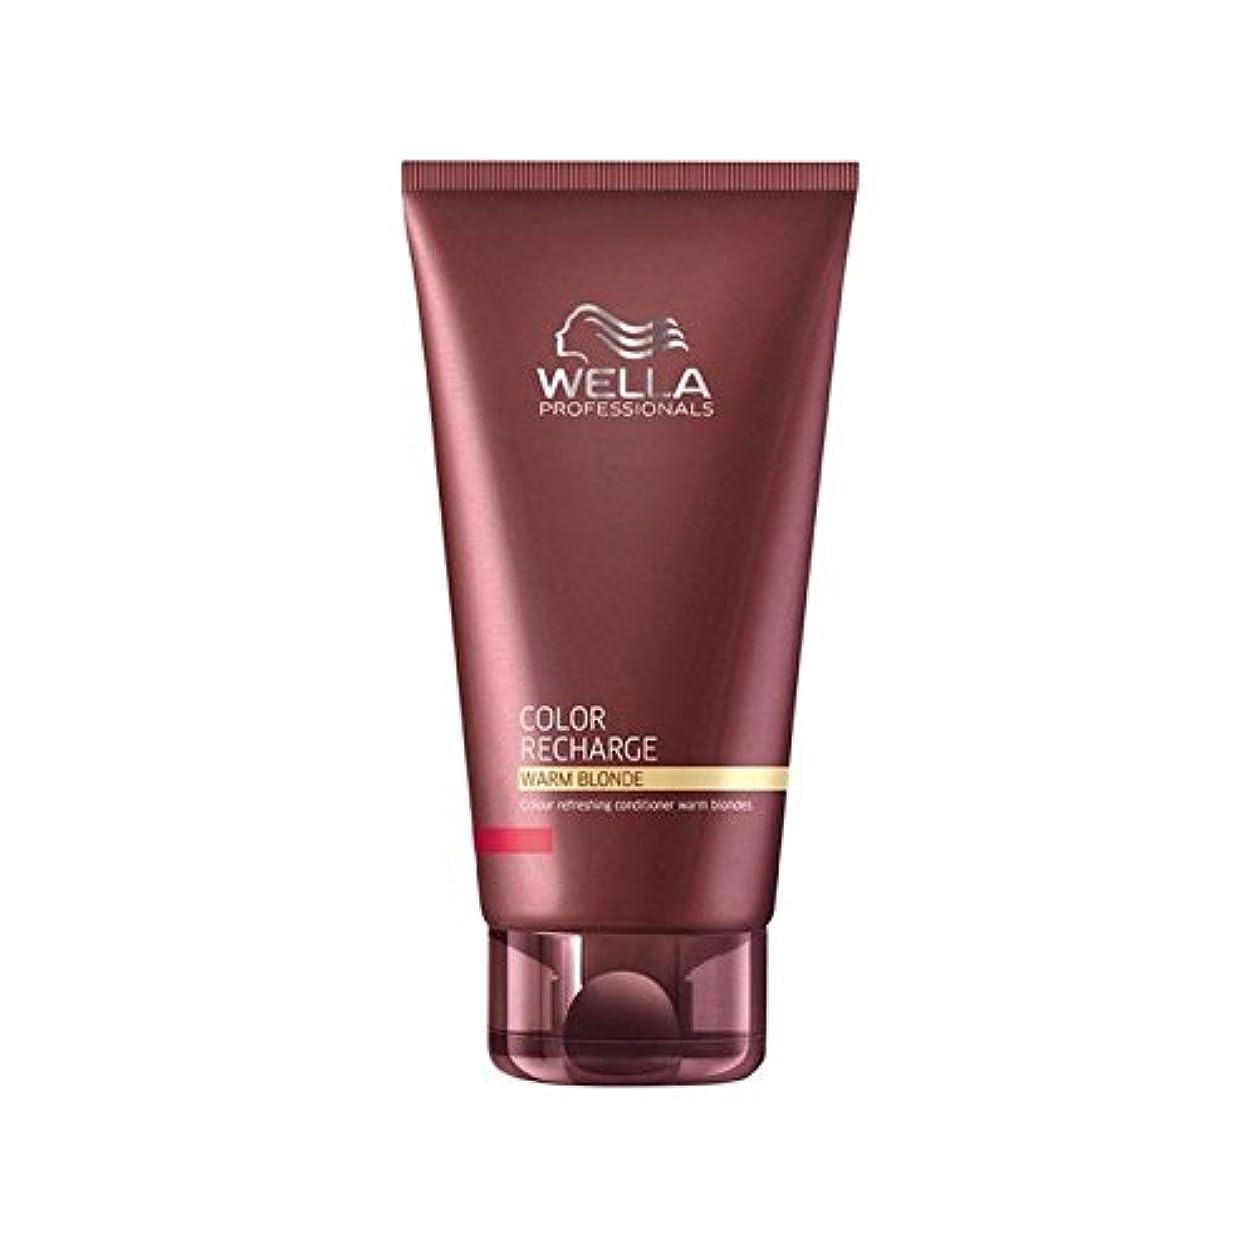 入力物理あたりWella Professionals Color Recharge Conditioner Warm Blonde (200ml) (Pack of 6) - ウエラ専門家のカラー再充電コンディショナー暖かいブロンド(...